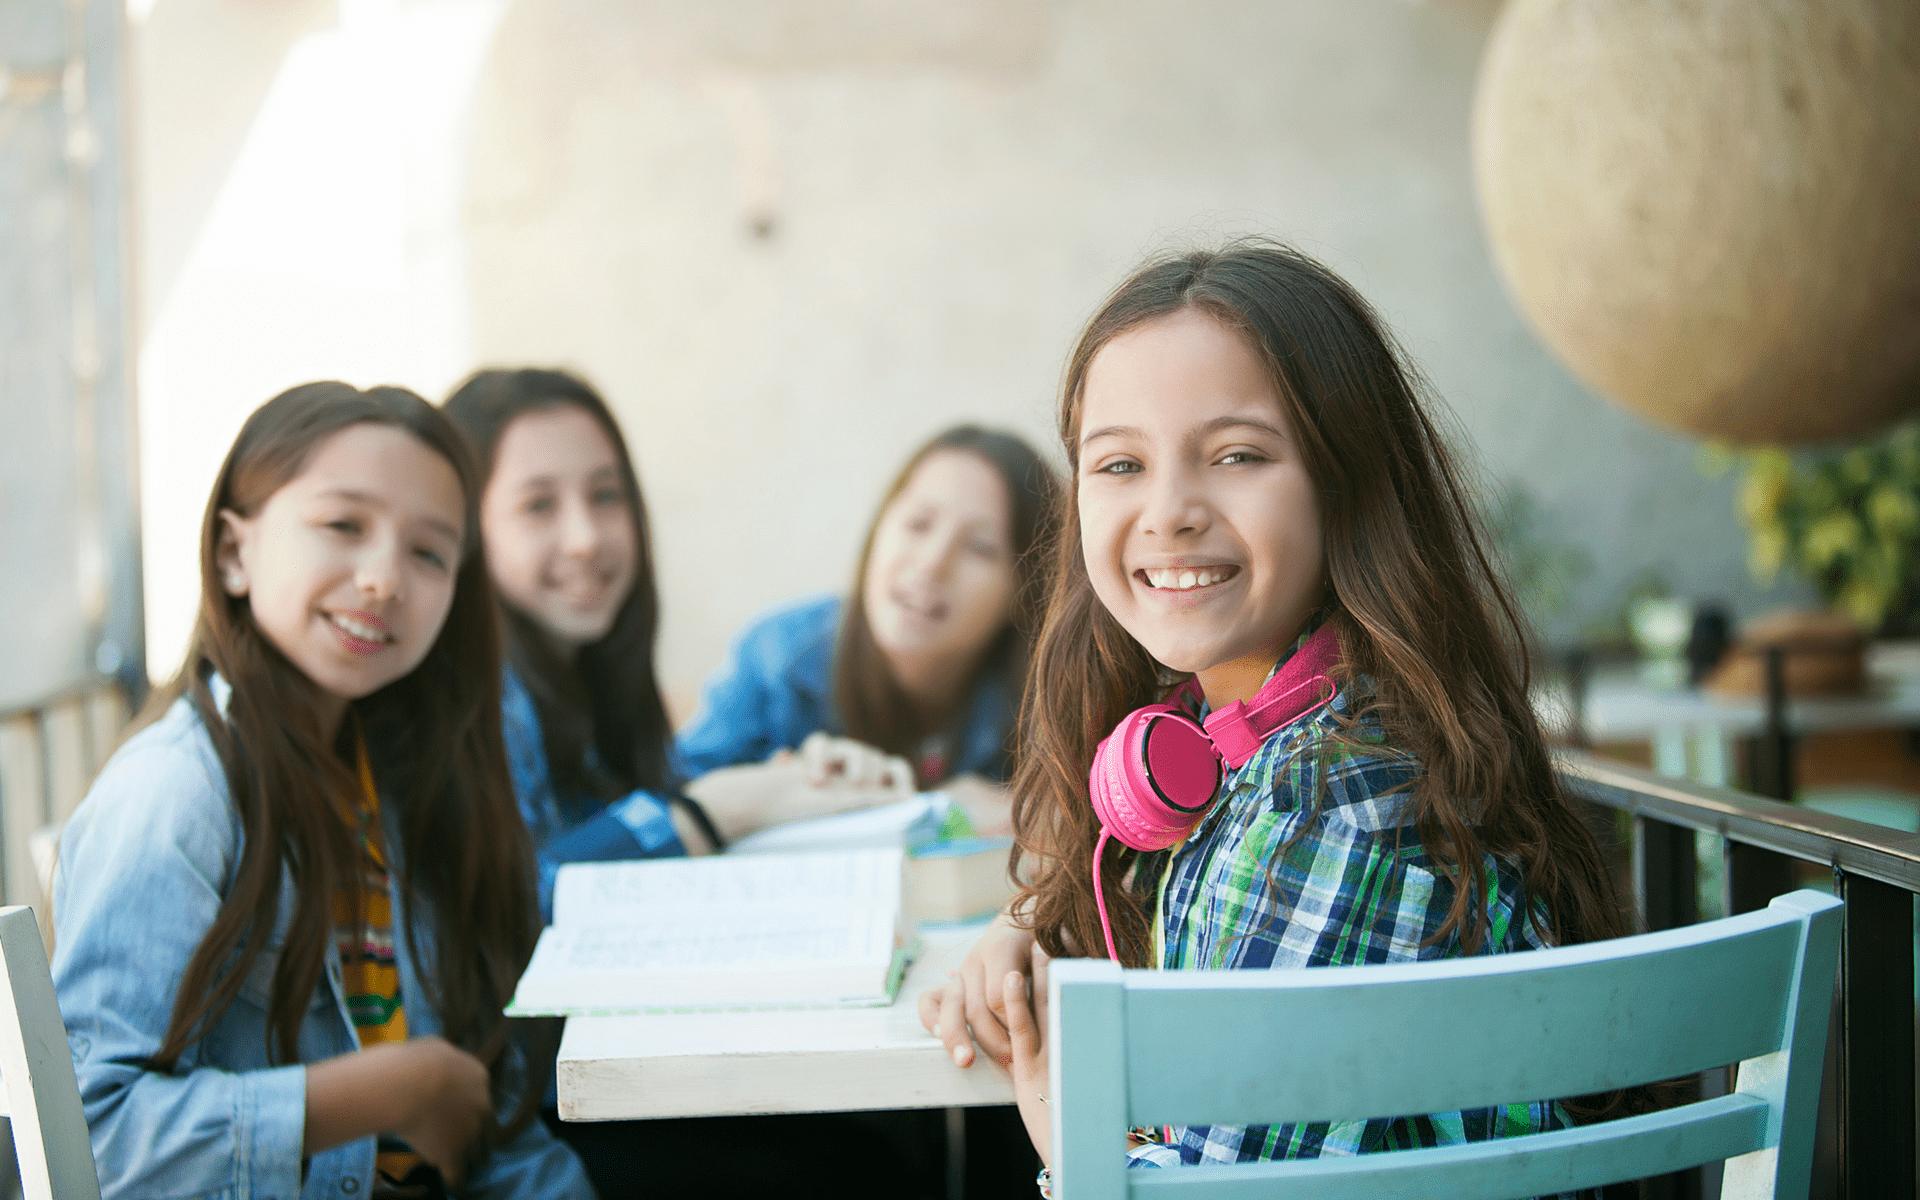 salle-de-classe-education-optimiser-disposition